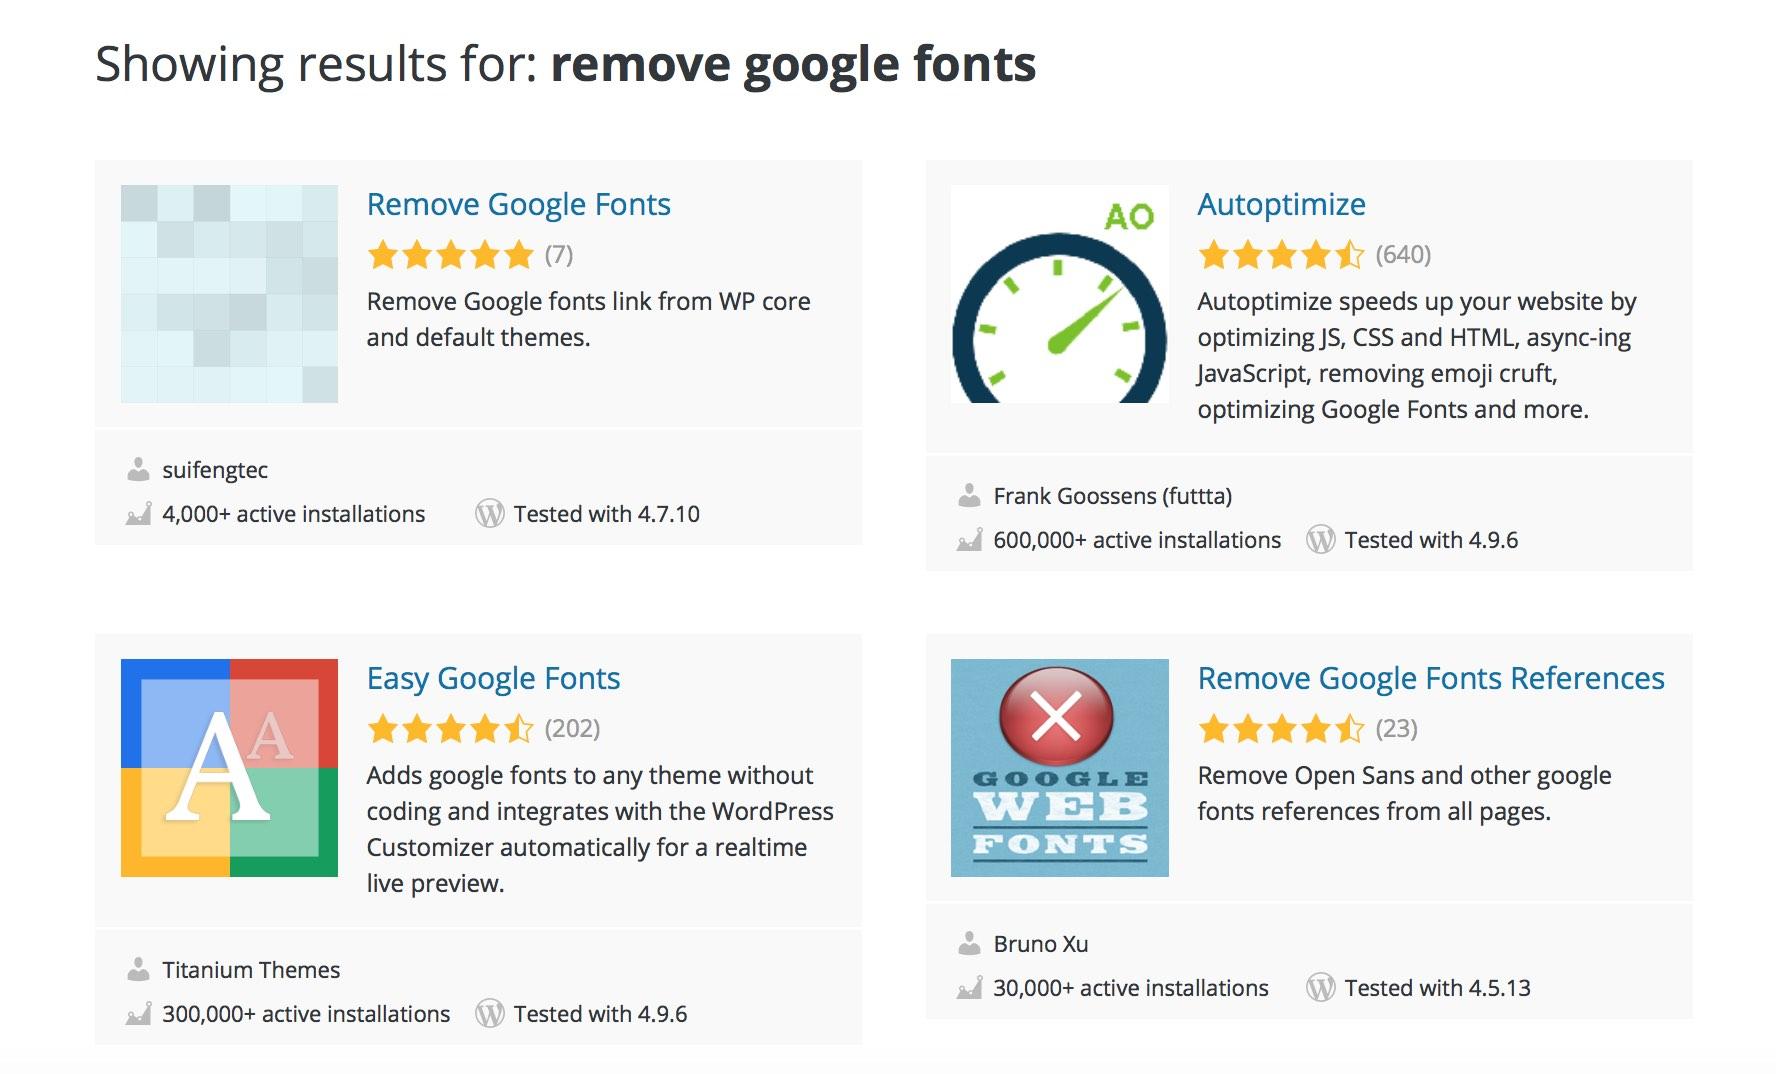 Die Google Fonts lassen sich alternativ auch mit einem WordPress-Plugin deaktivieren